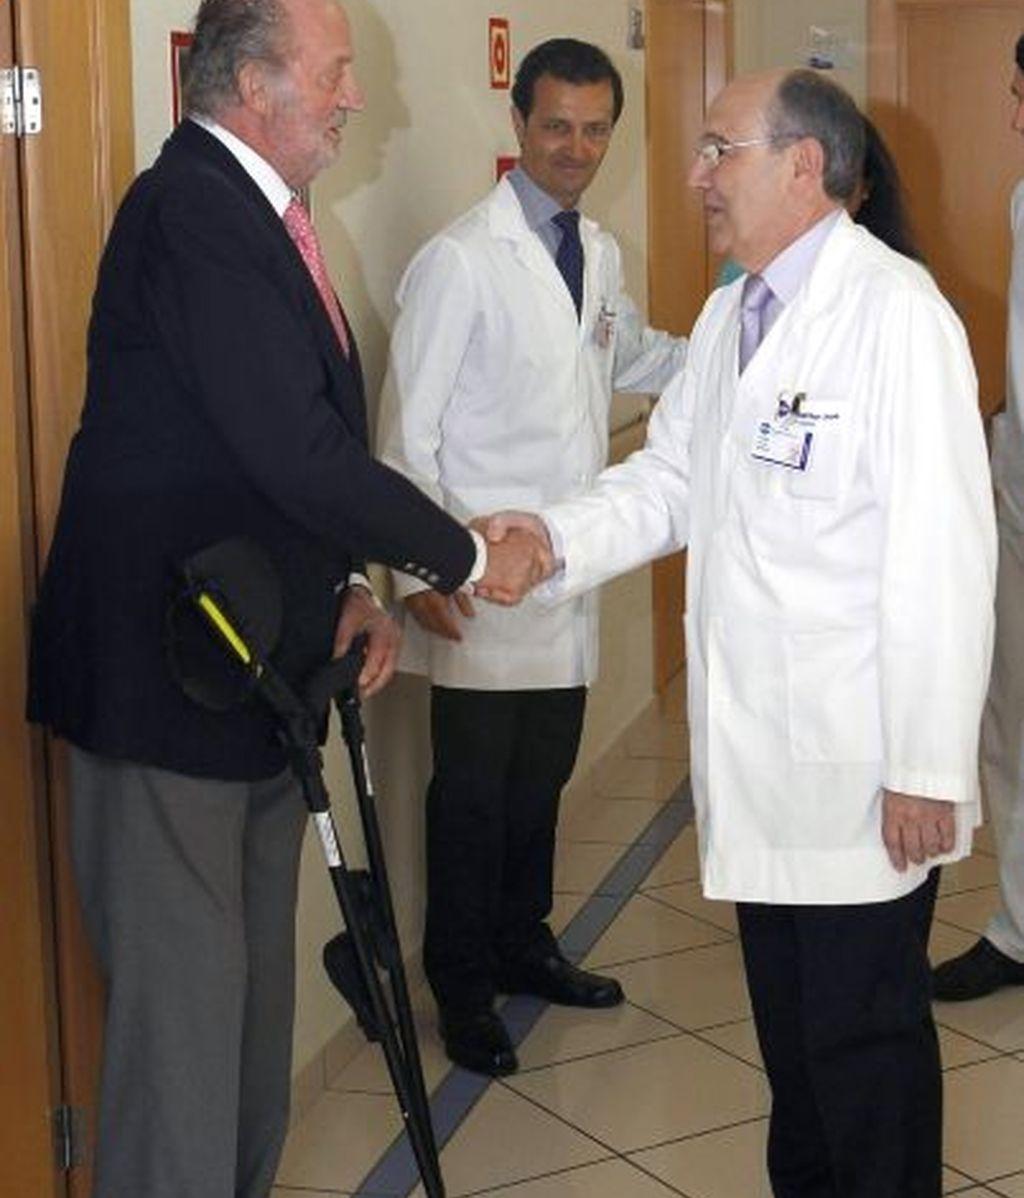 El rey saluda a su doctor a la salida de la clínica